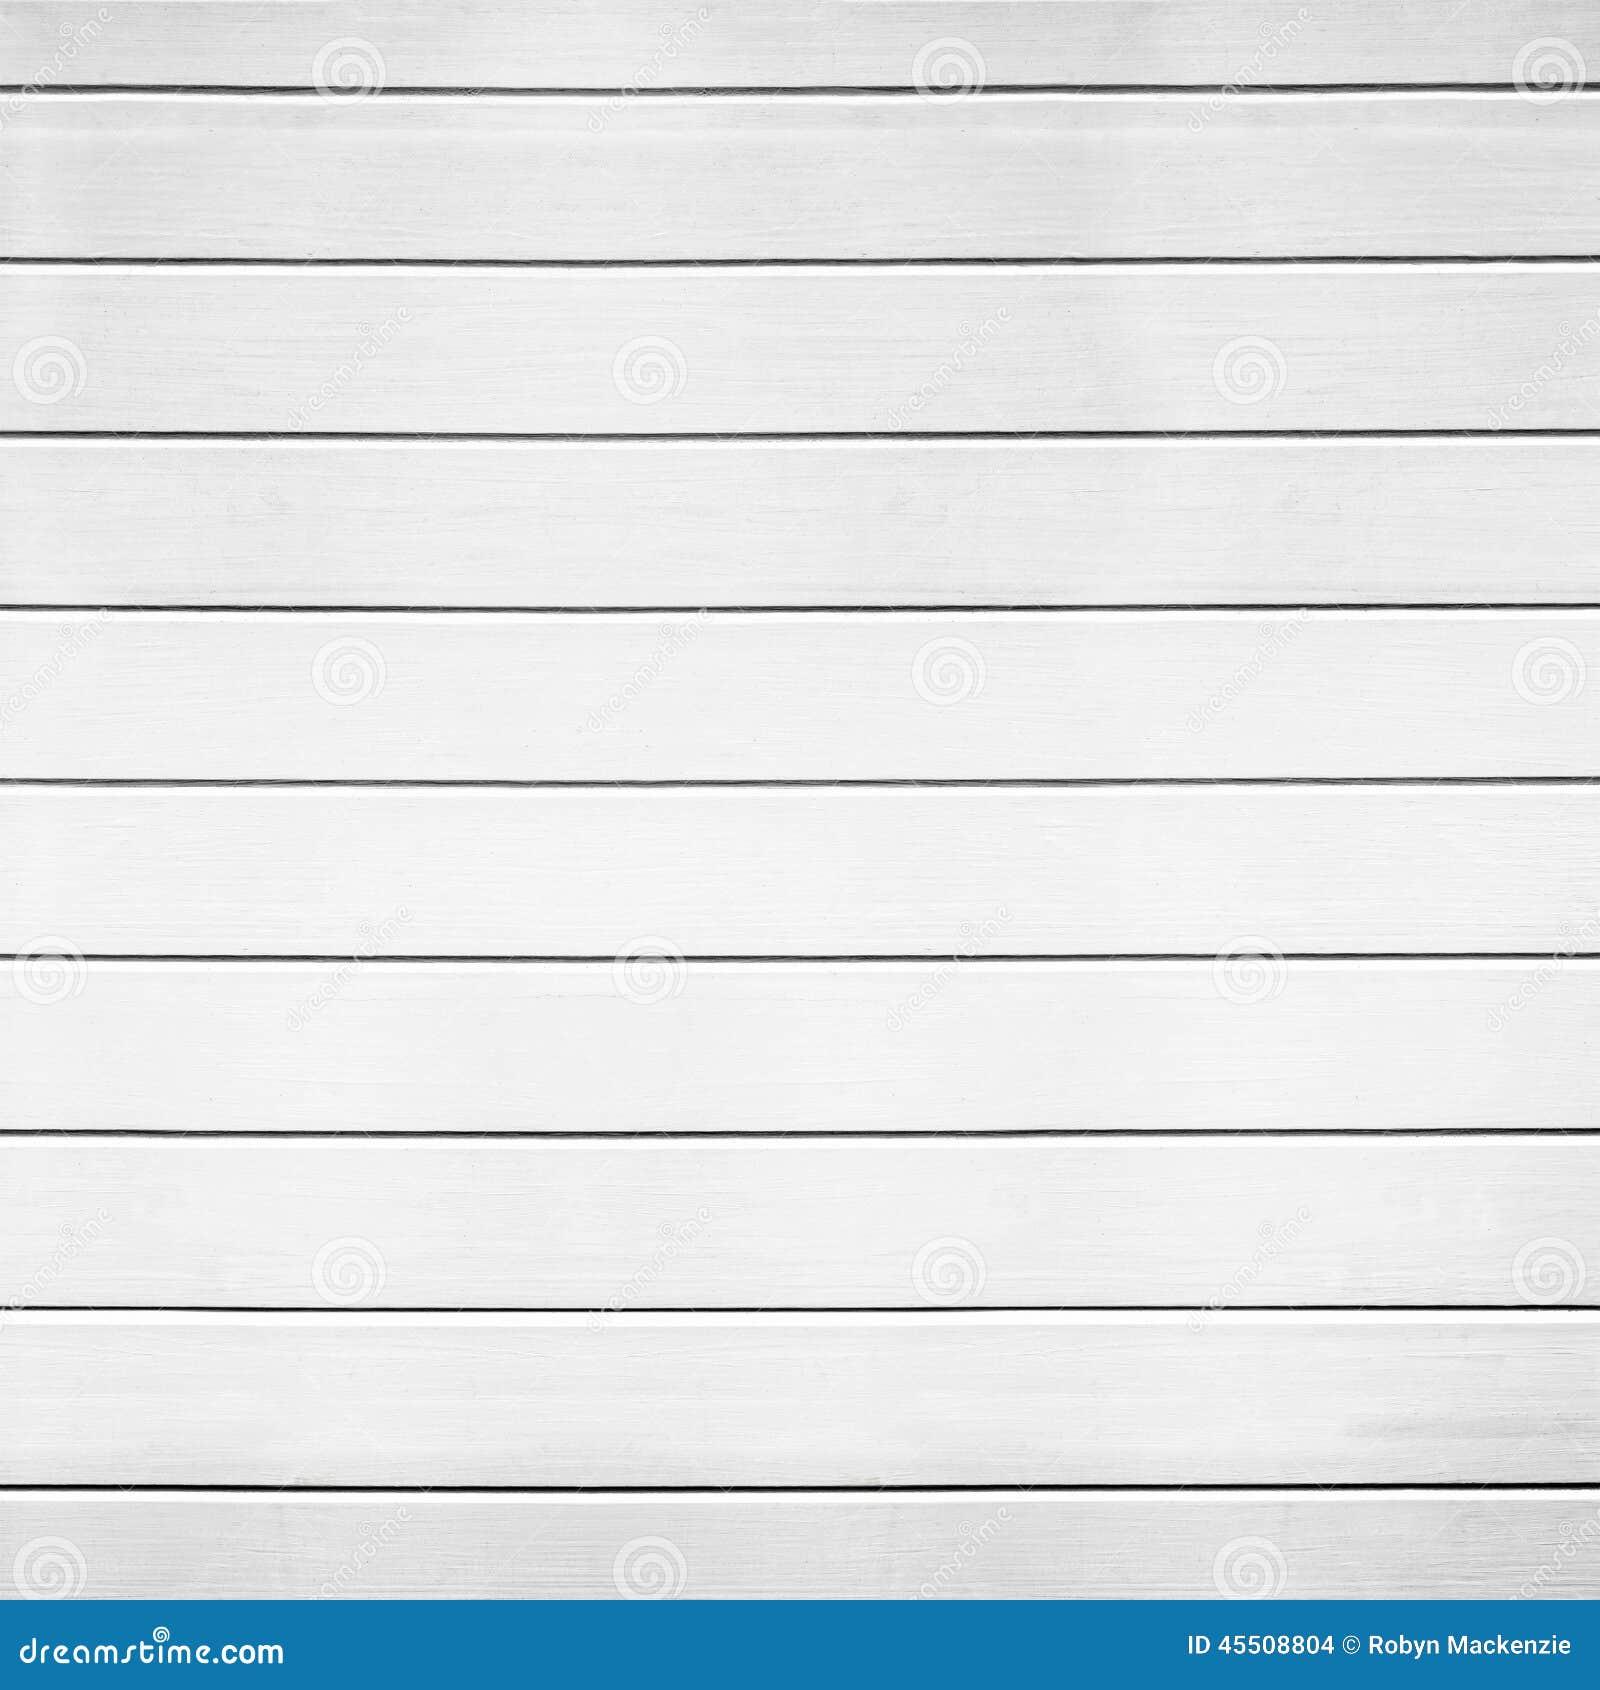 White Wood Panel Background Stock Photo Image 45508804